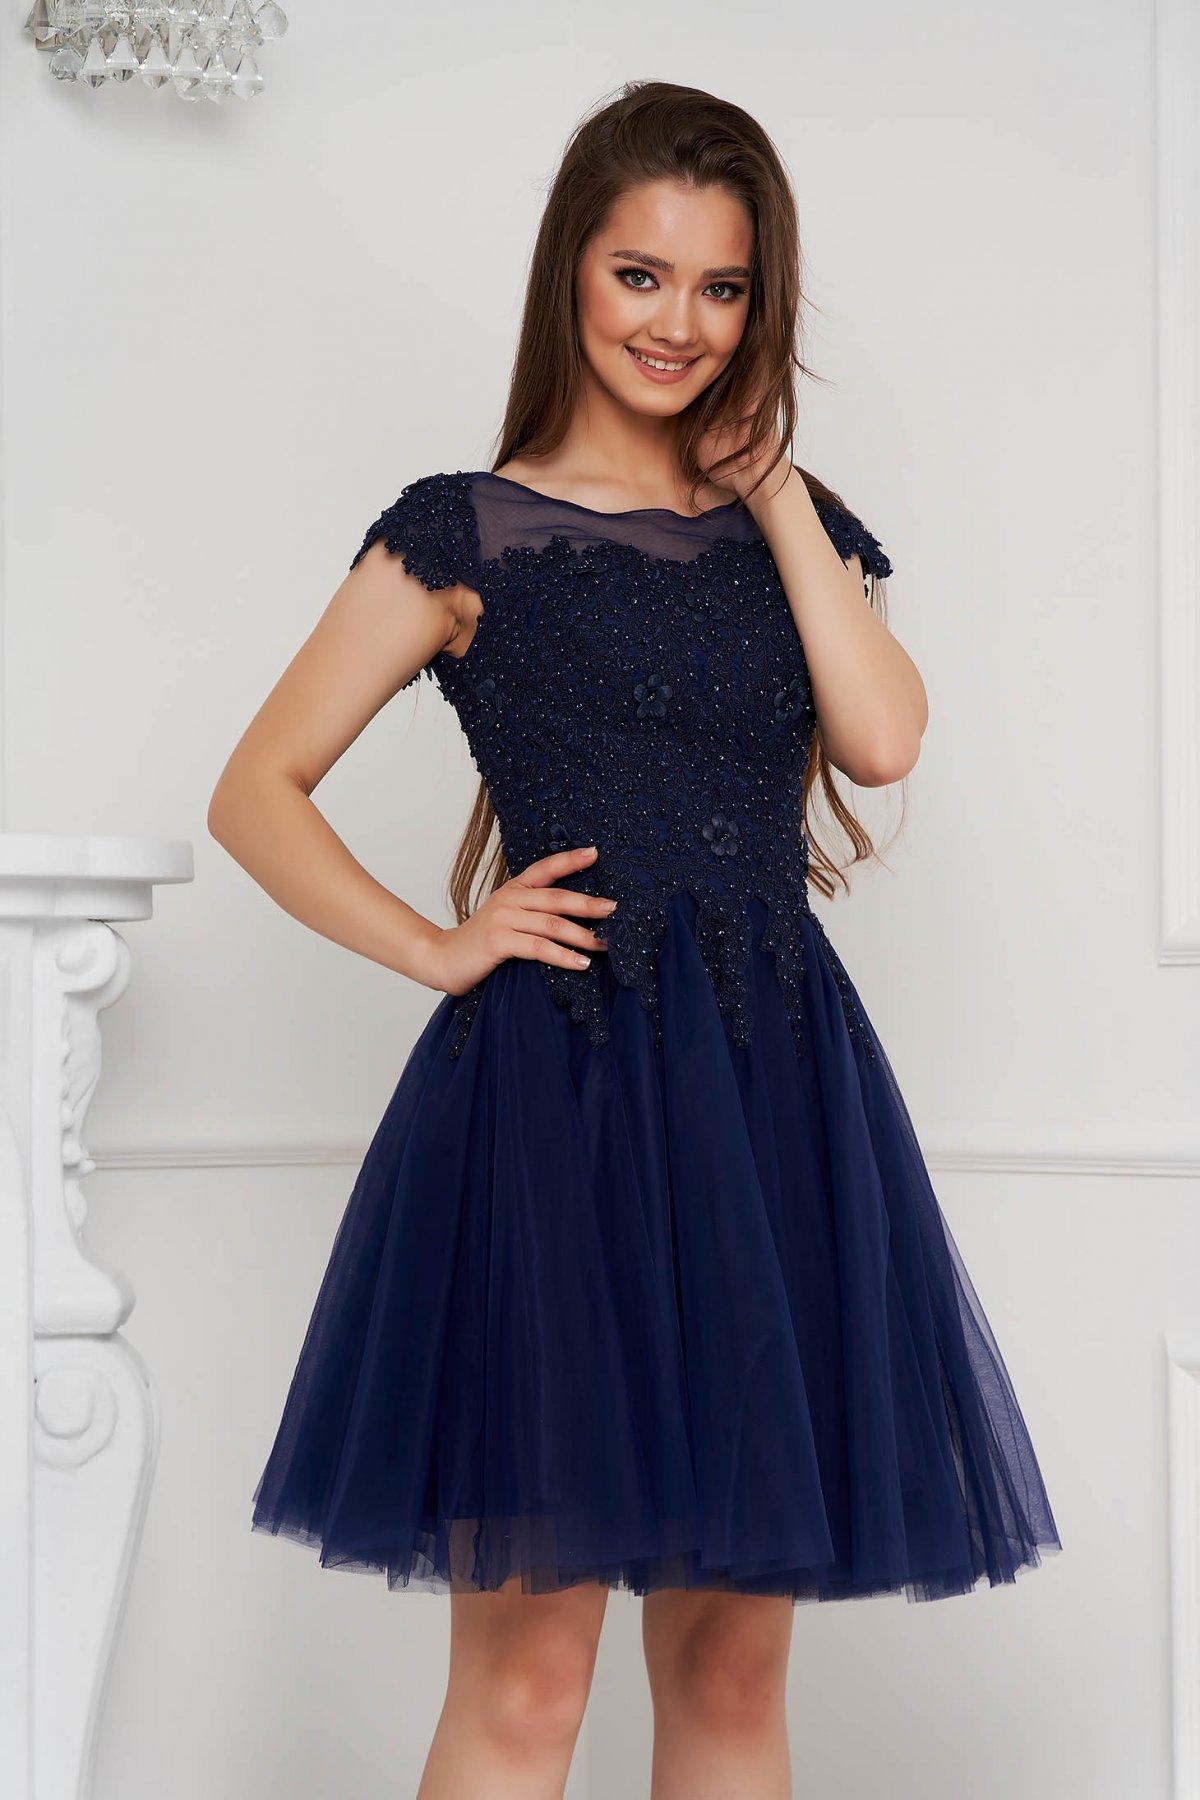 Rochie albastru-inchis scurta de ocazie in clos din tul cu broderie si aplicatii cu perle